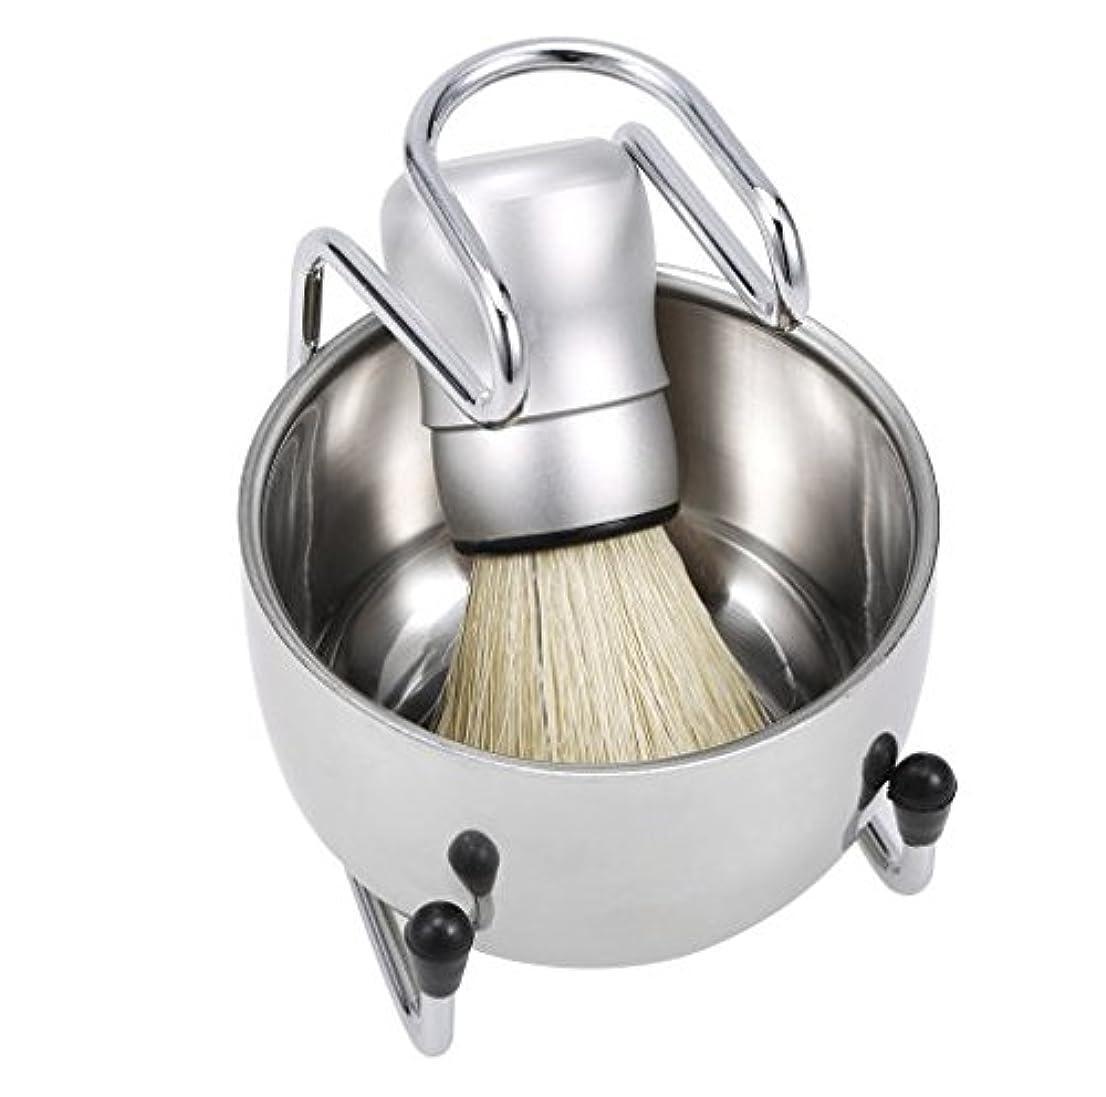 樹木クリーム列挙する3 in 1 Men's Shaving Tools Set Well Polished Shaving Brush Soap Bowl Stand Holder Badger Hair Male Face Cleaning